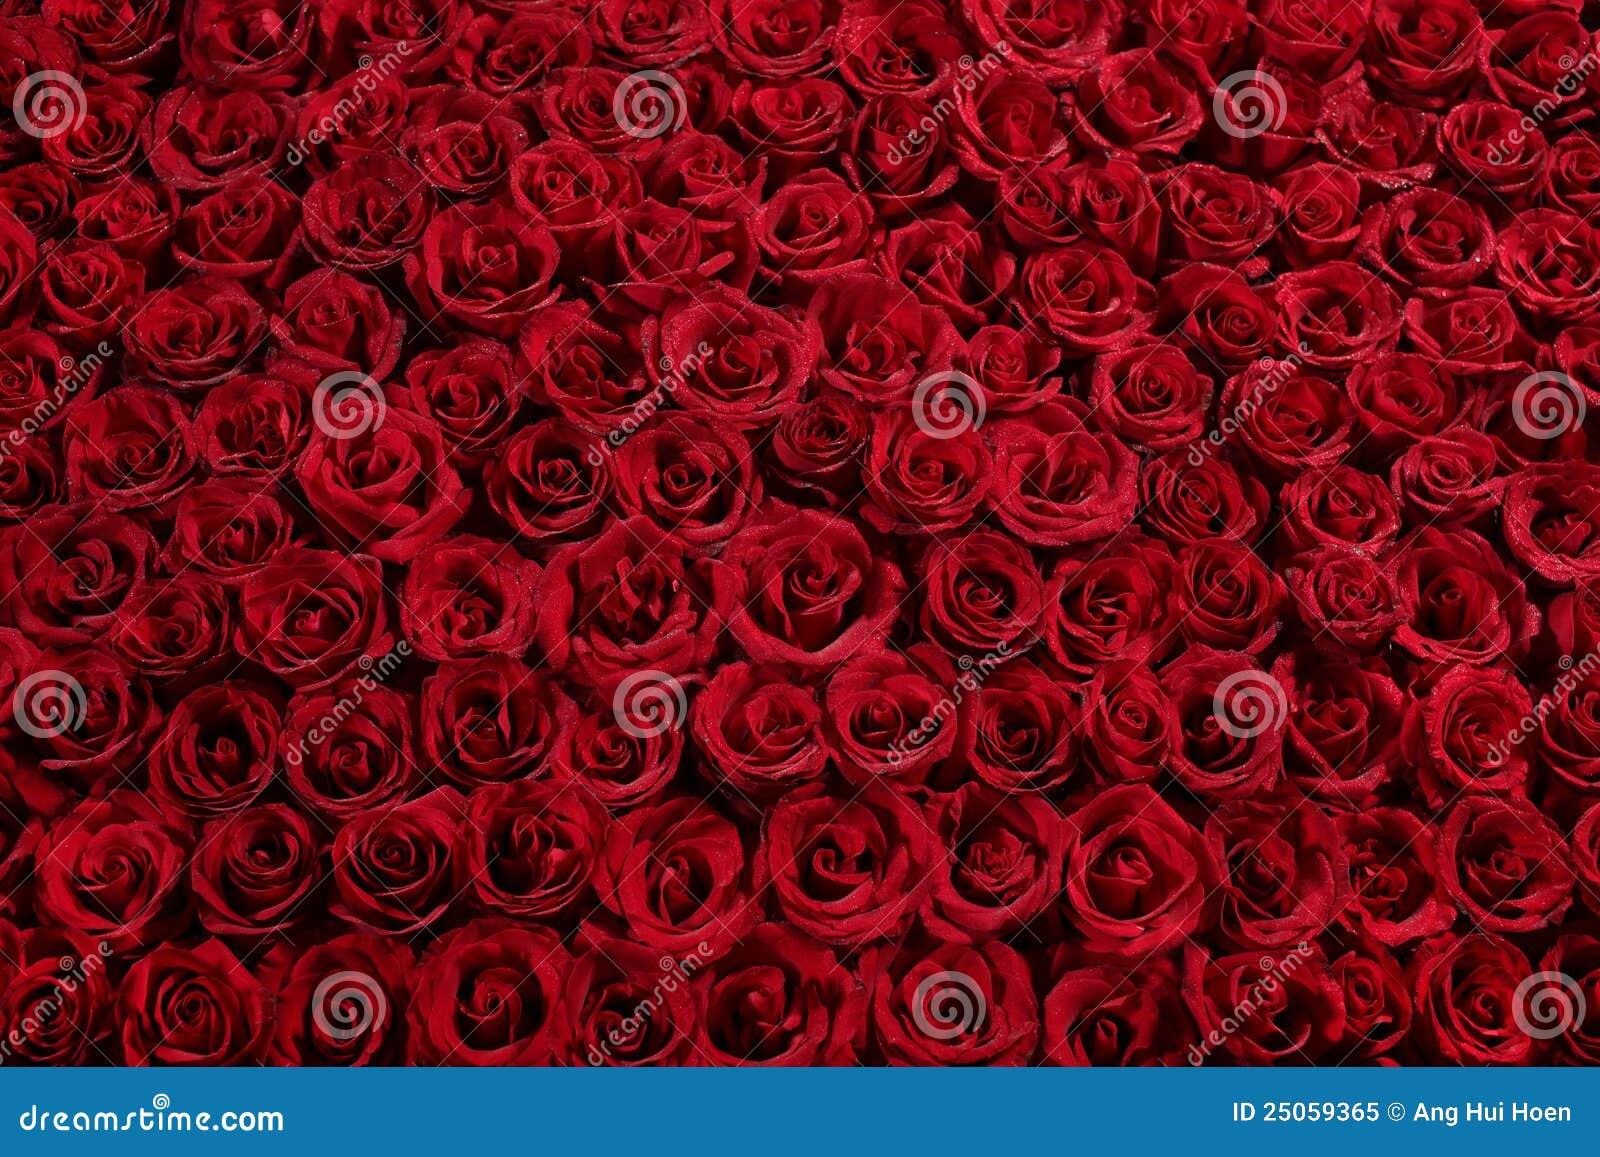 Cama de rosas